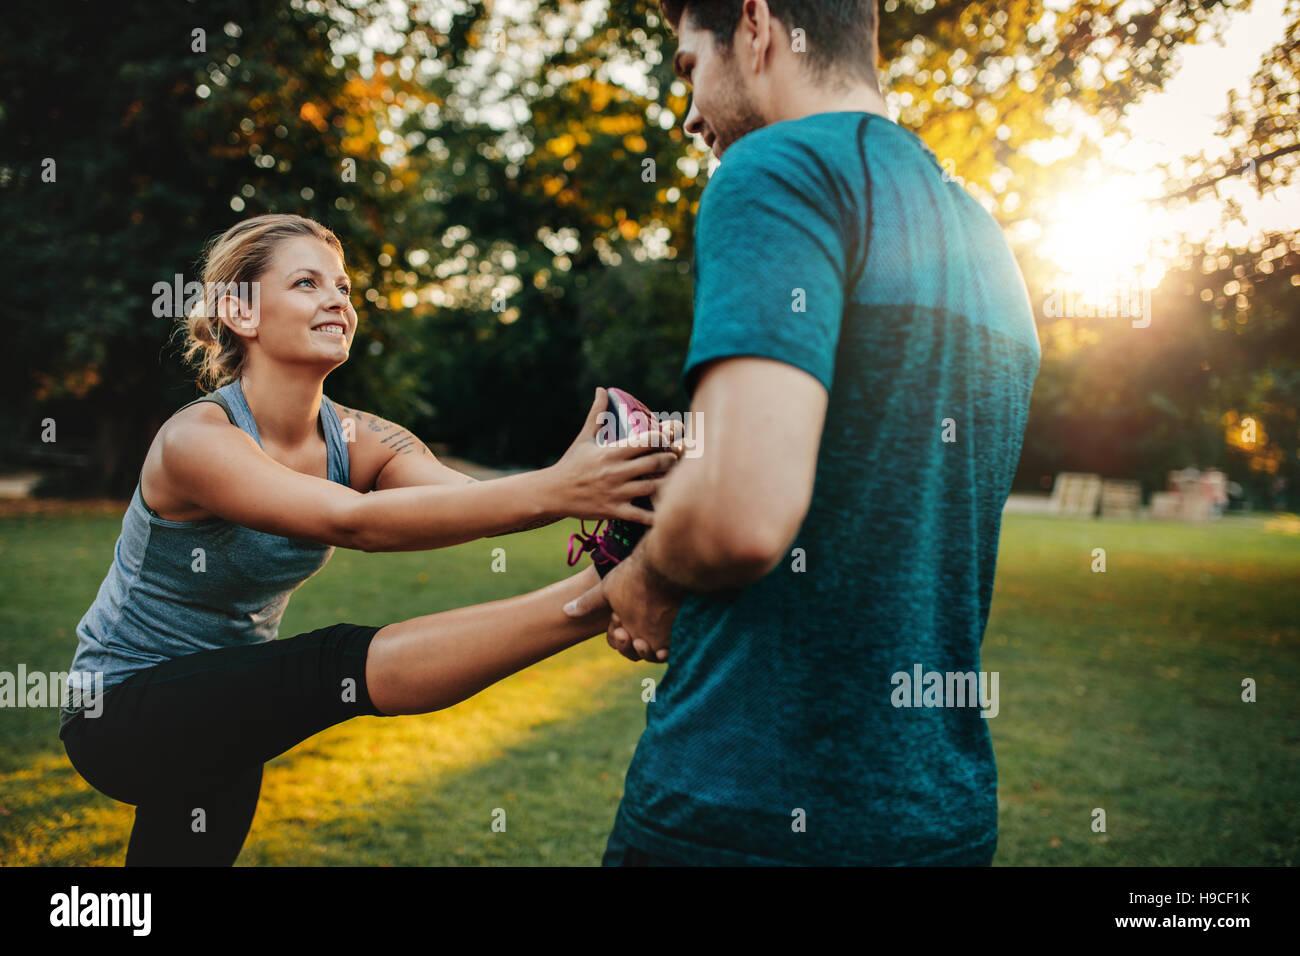 Maschio formatore fisico assistere donna con gamba esercizio. Giovane donna di essere assistita da personal trainer Foto Stock